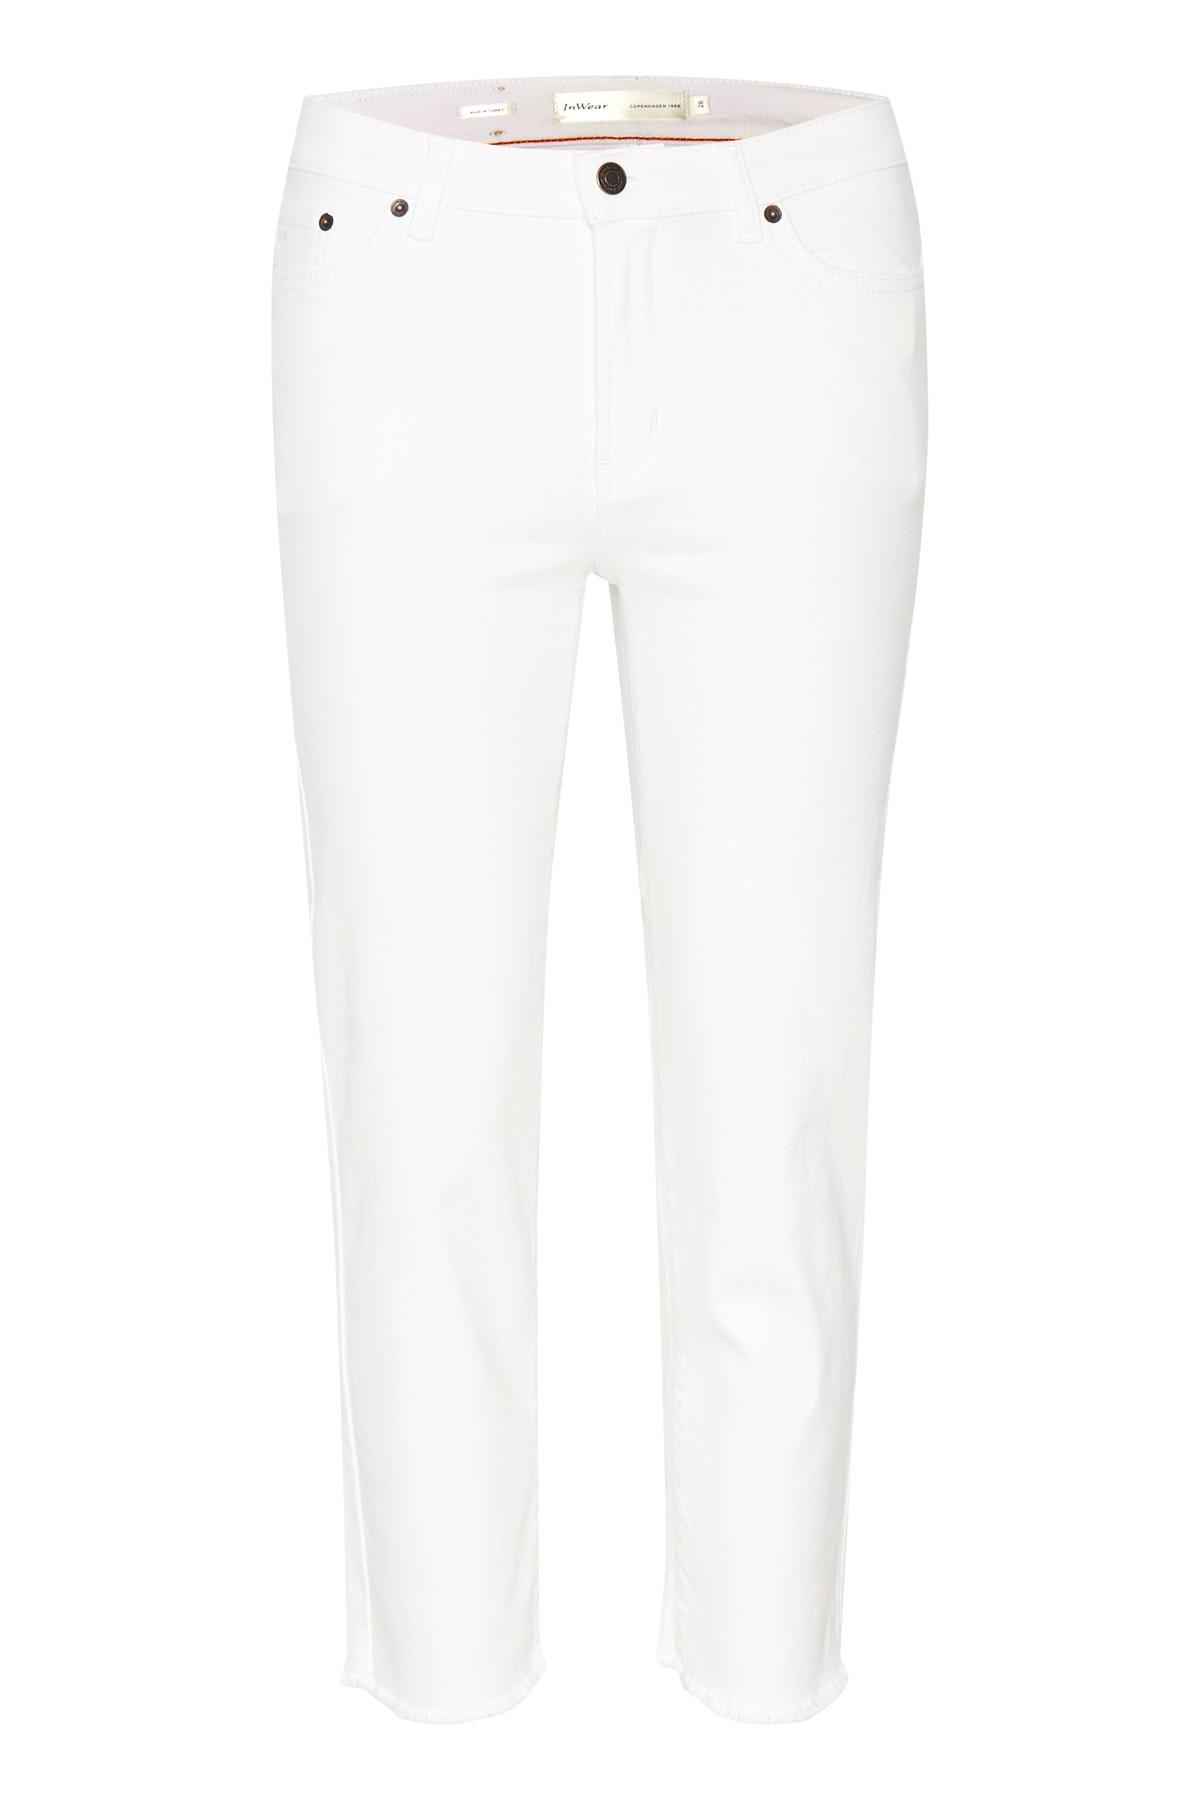 Inwear Inwear Ditte Twill Pants Price 89 95